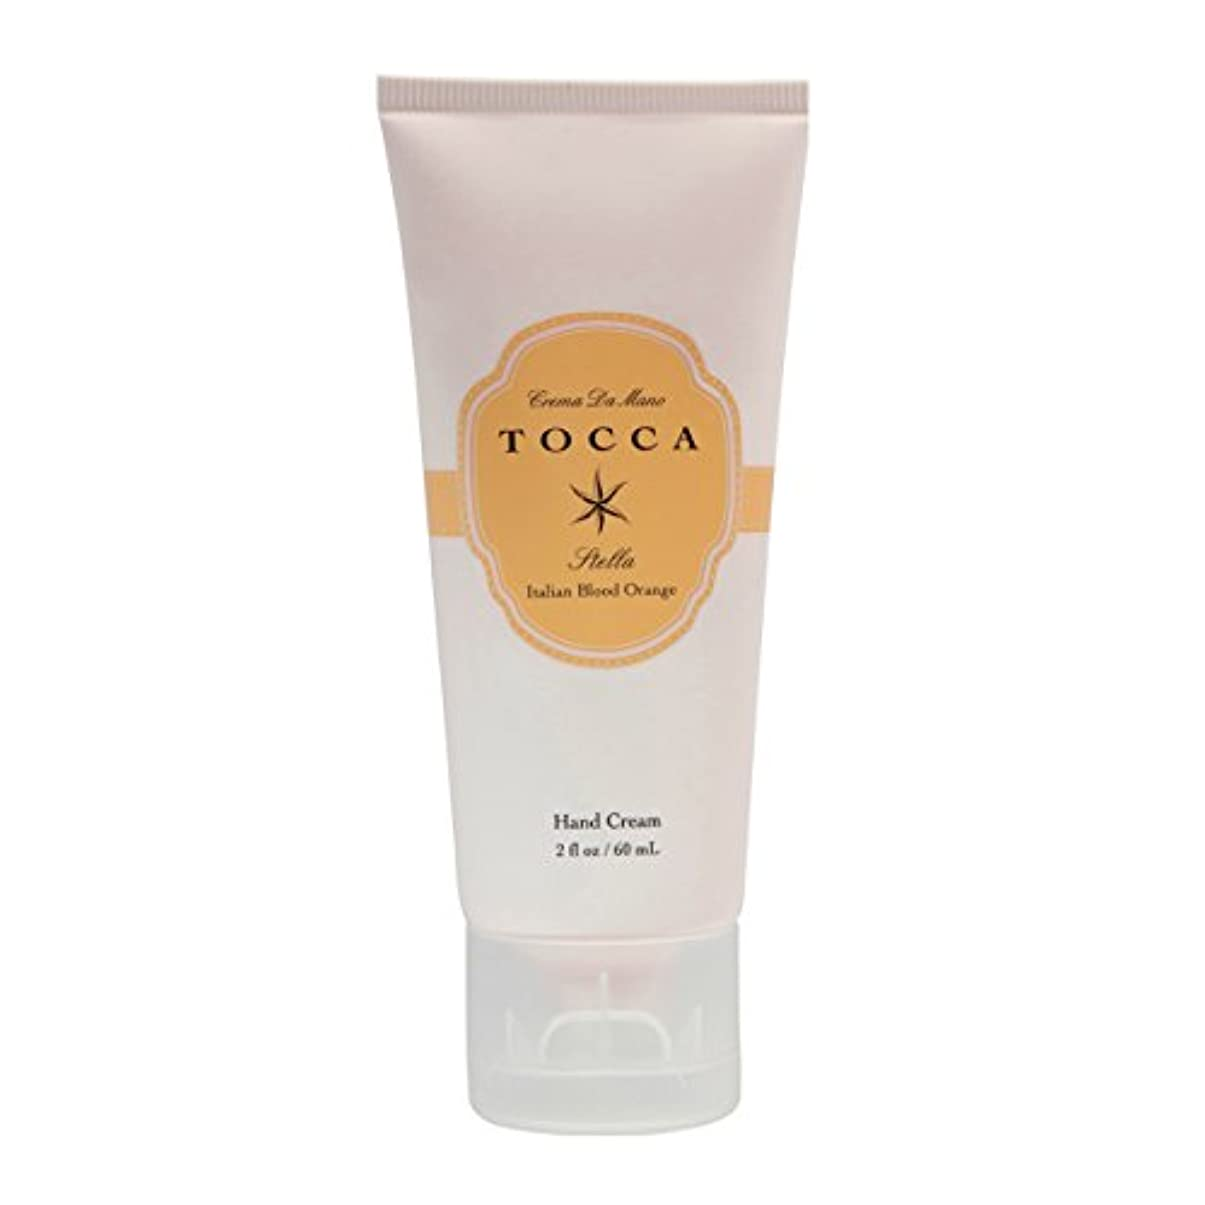 テント権威ショップトッカ(TOCCA) ハンドクリーム  ステラの香り 60ml(手指用保湿 イタリアンブラッドオレンジが奏でるフレッシュでビターな爽やかさ漂う香り)